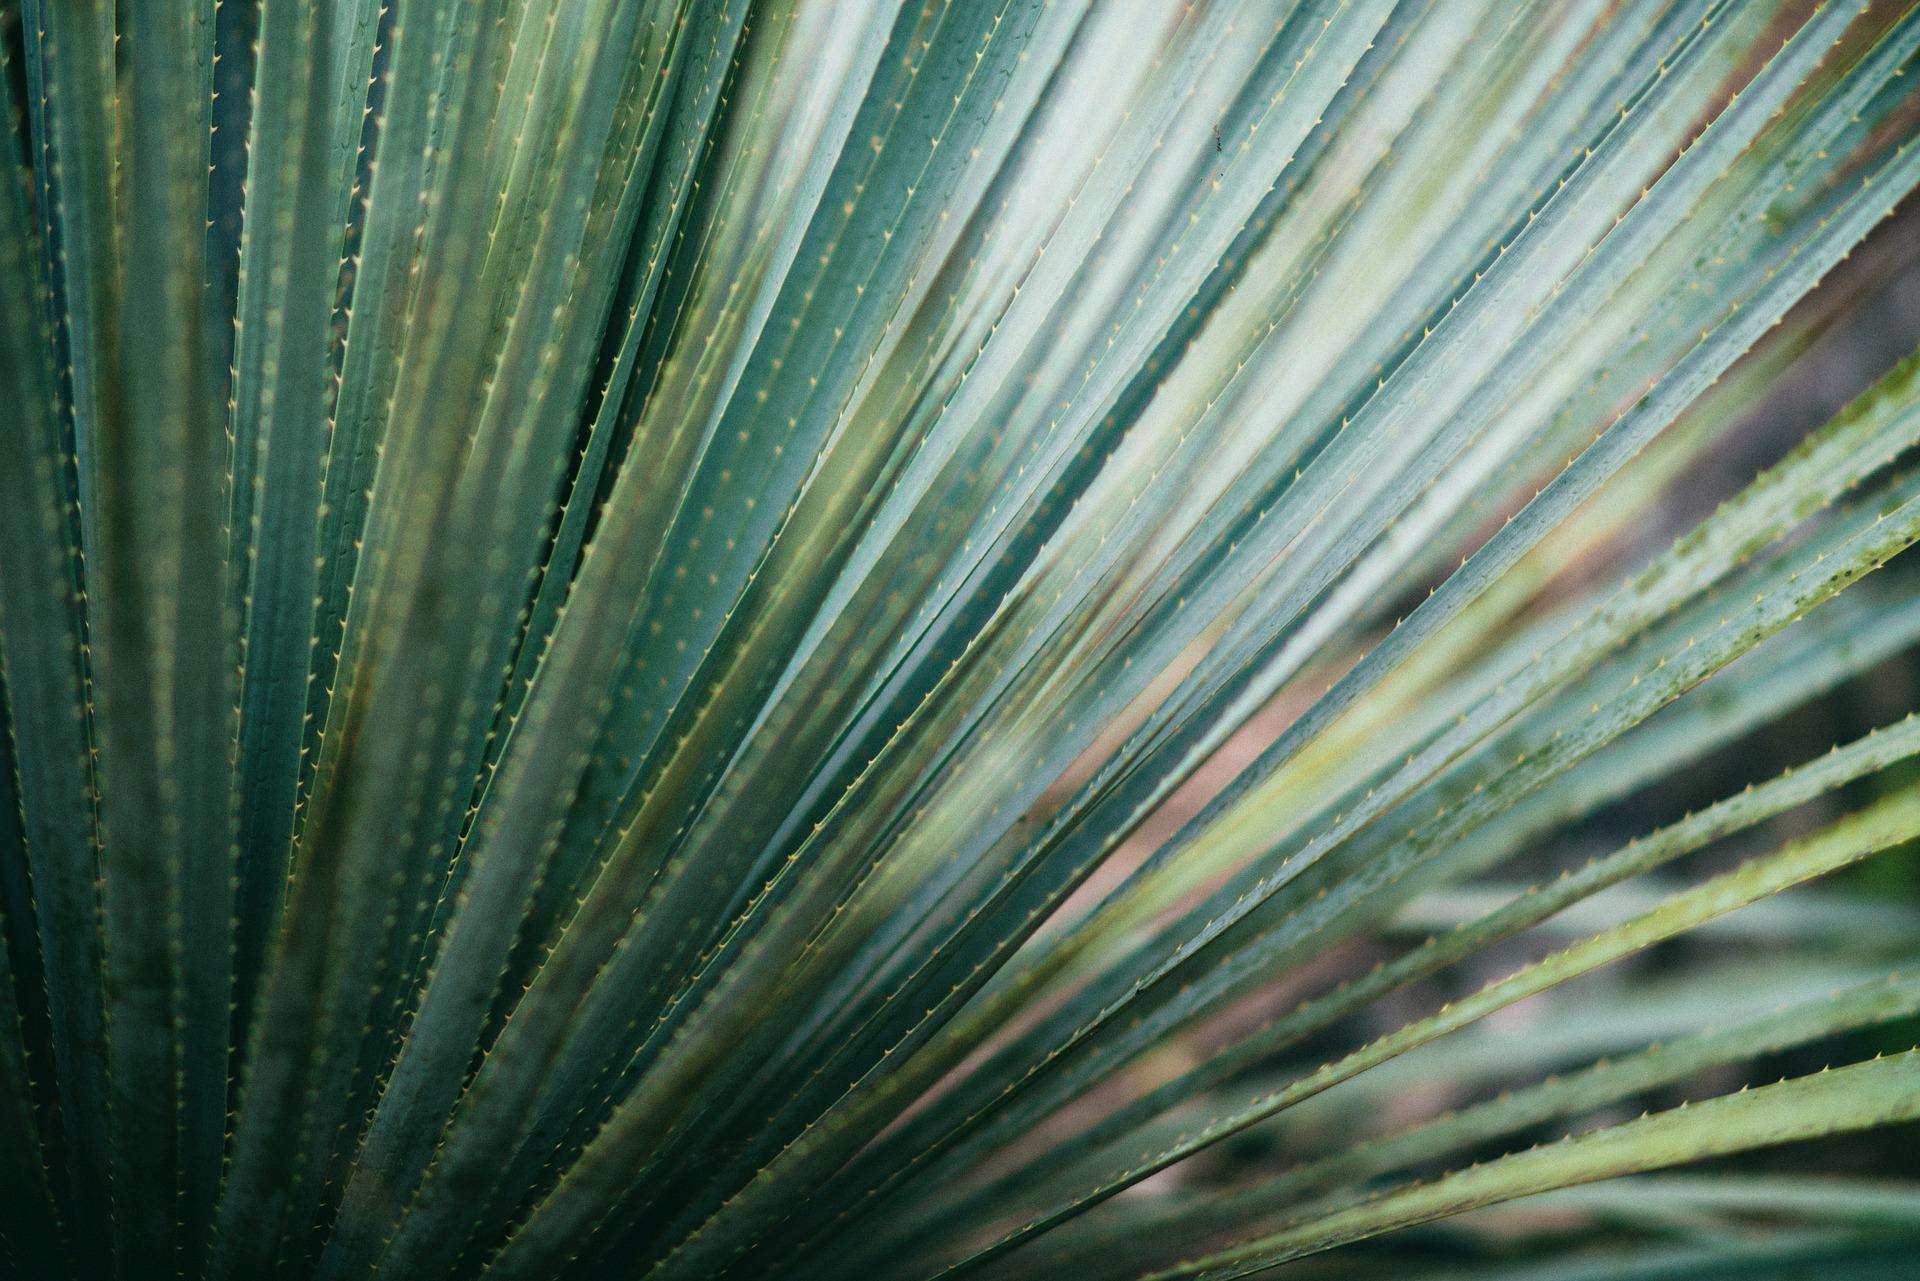 succulent-918657_1920.jpg